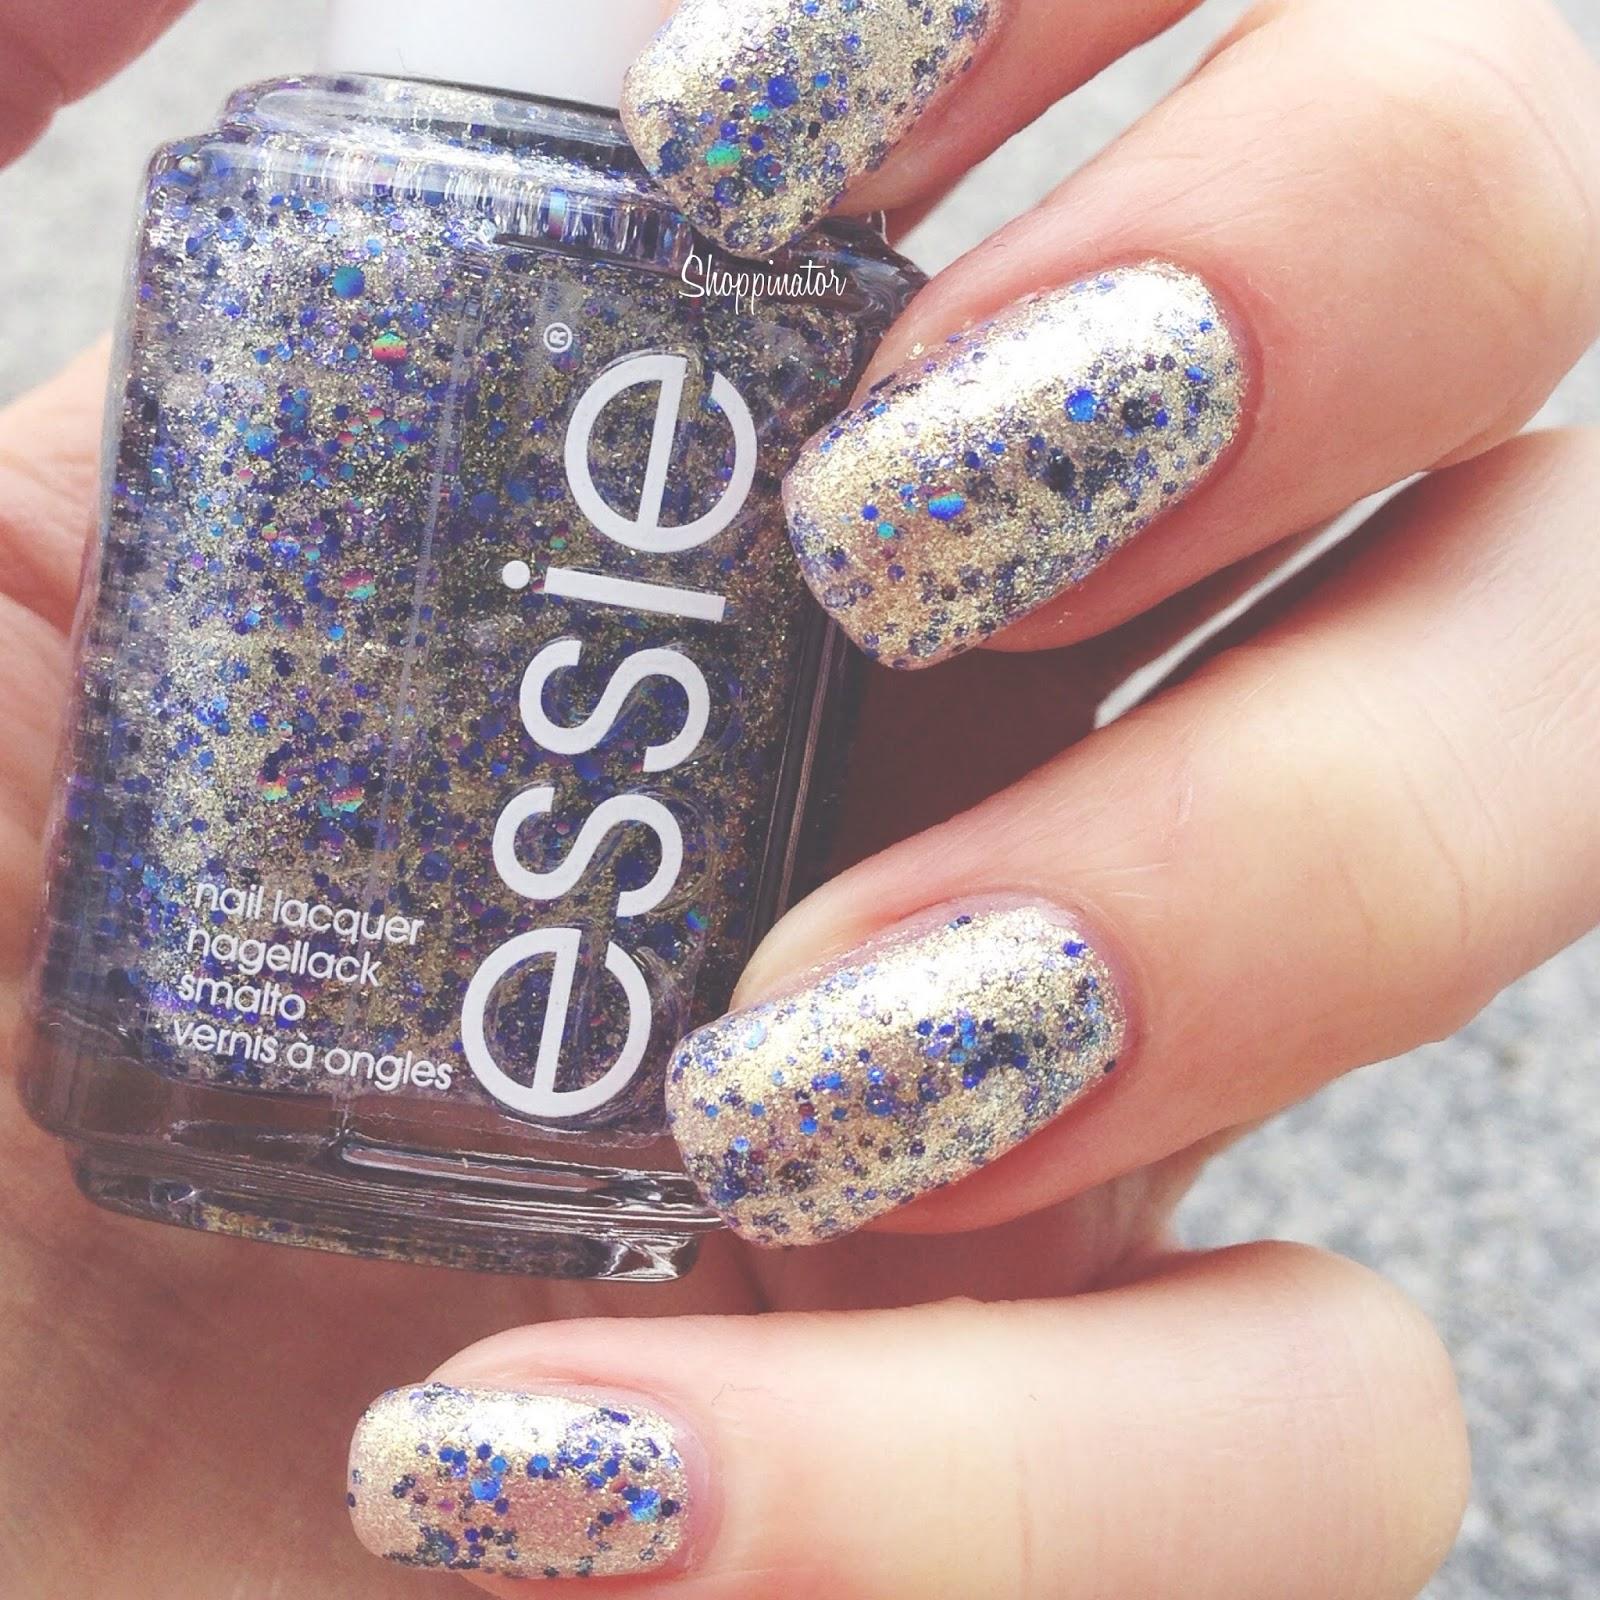 Essie – 'On a silver platter' | Swatch